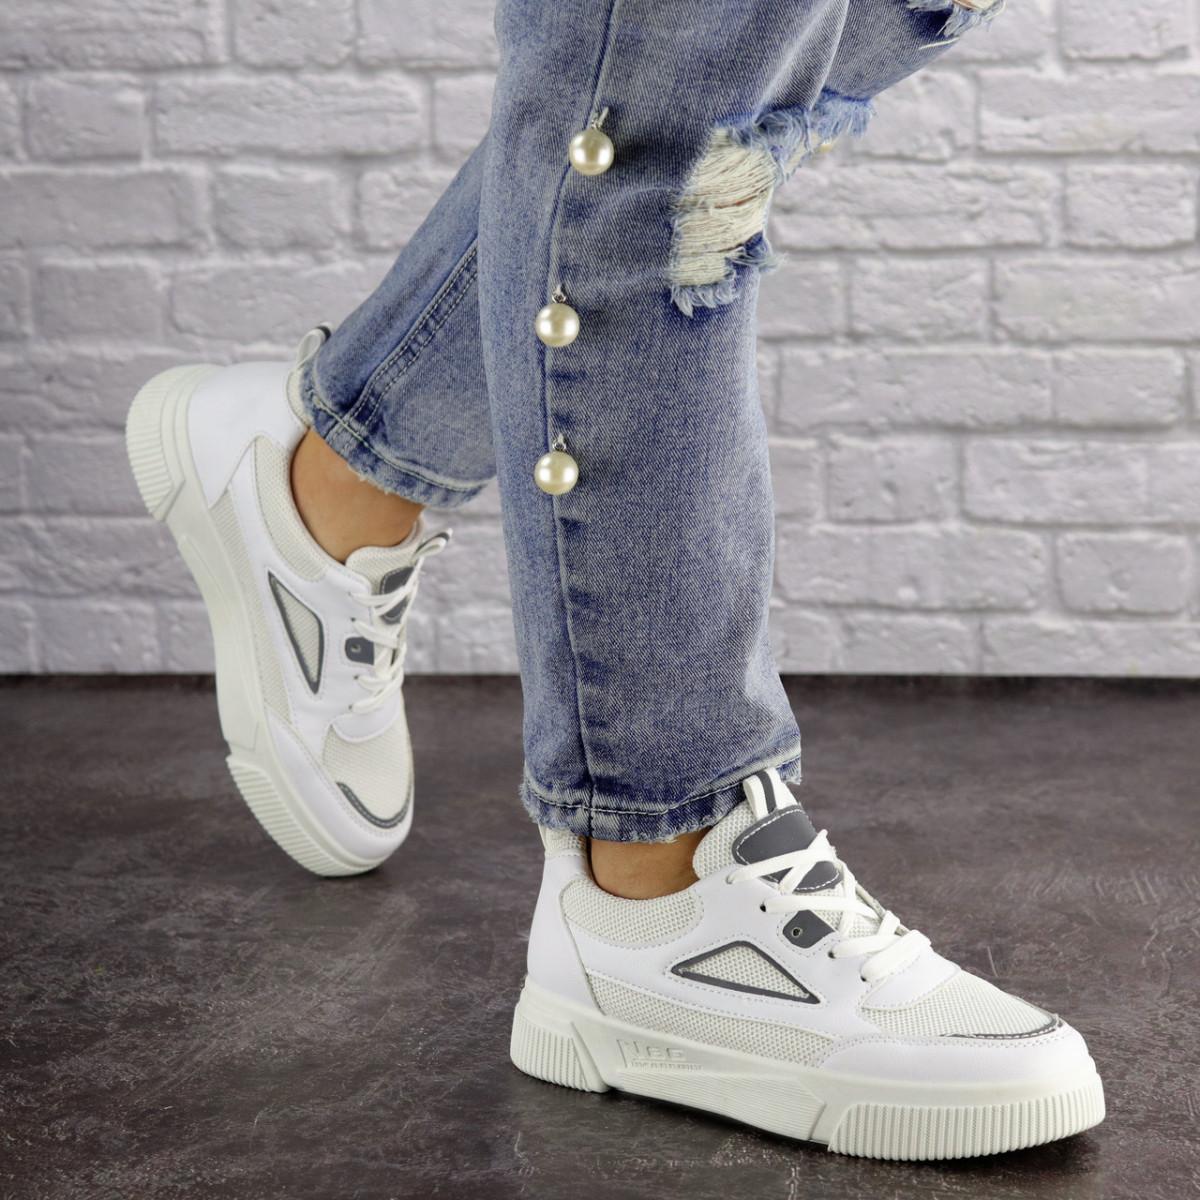 Жіночі кросівки Fashion Dusty 1616 38 розмір 23 см Білий 39